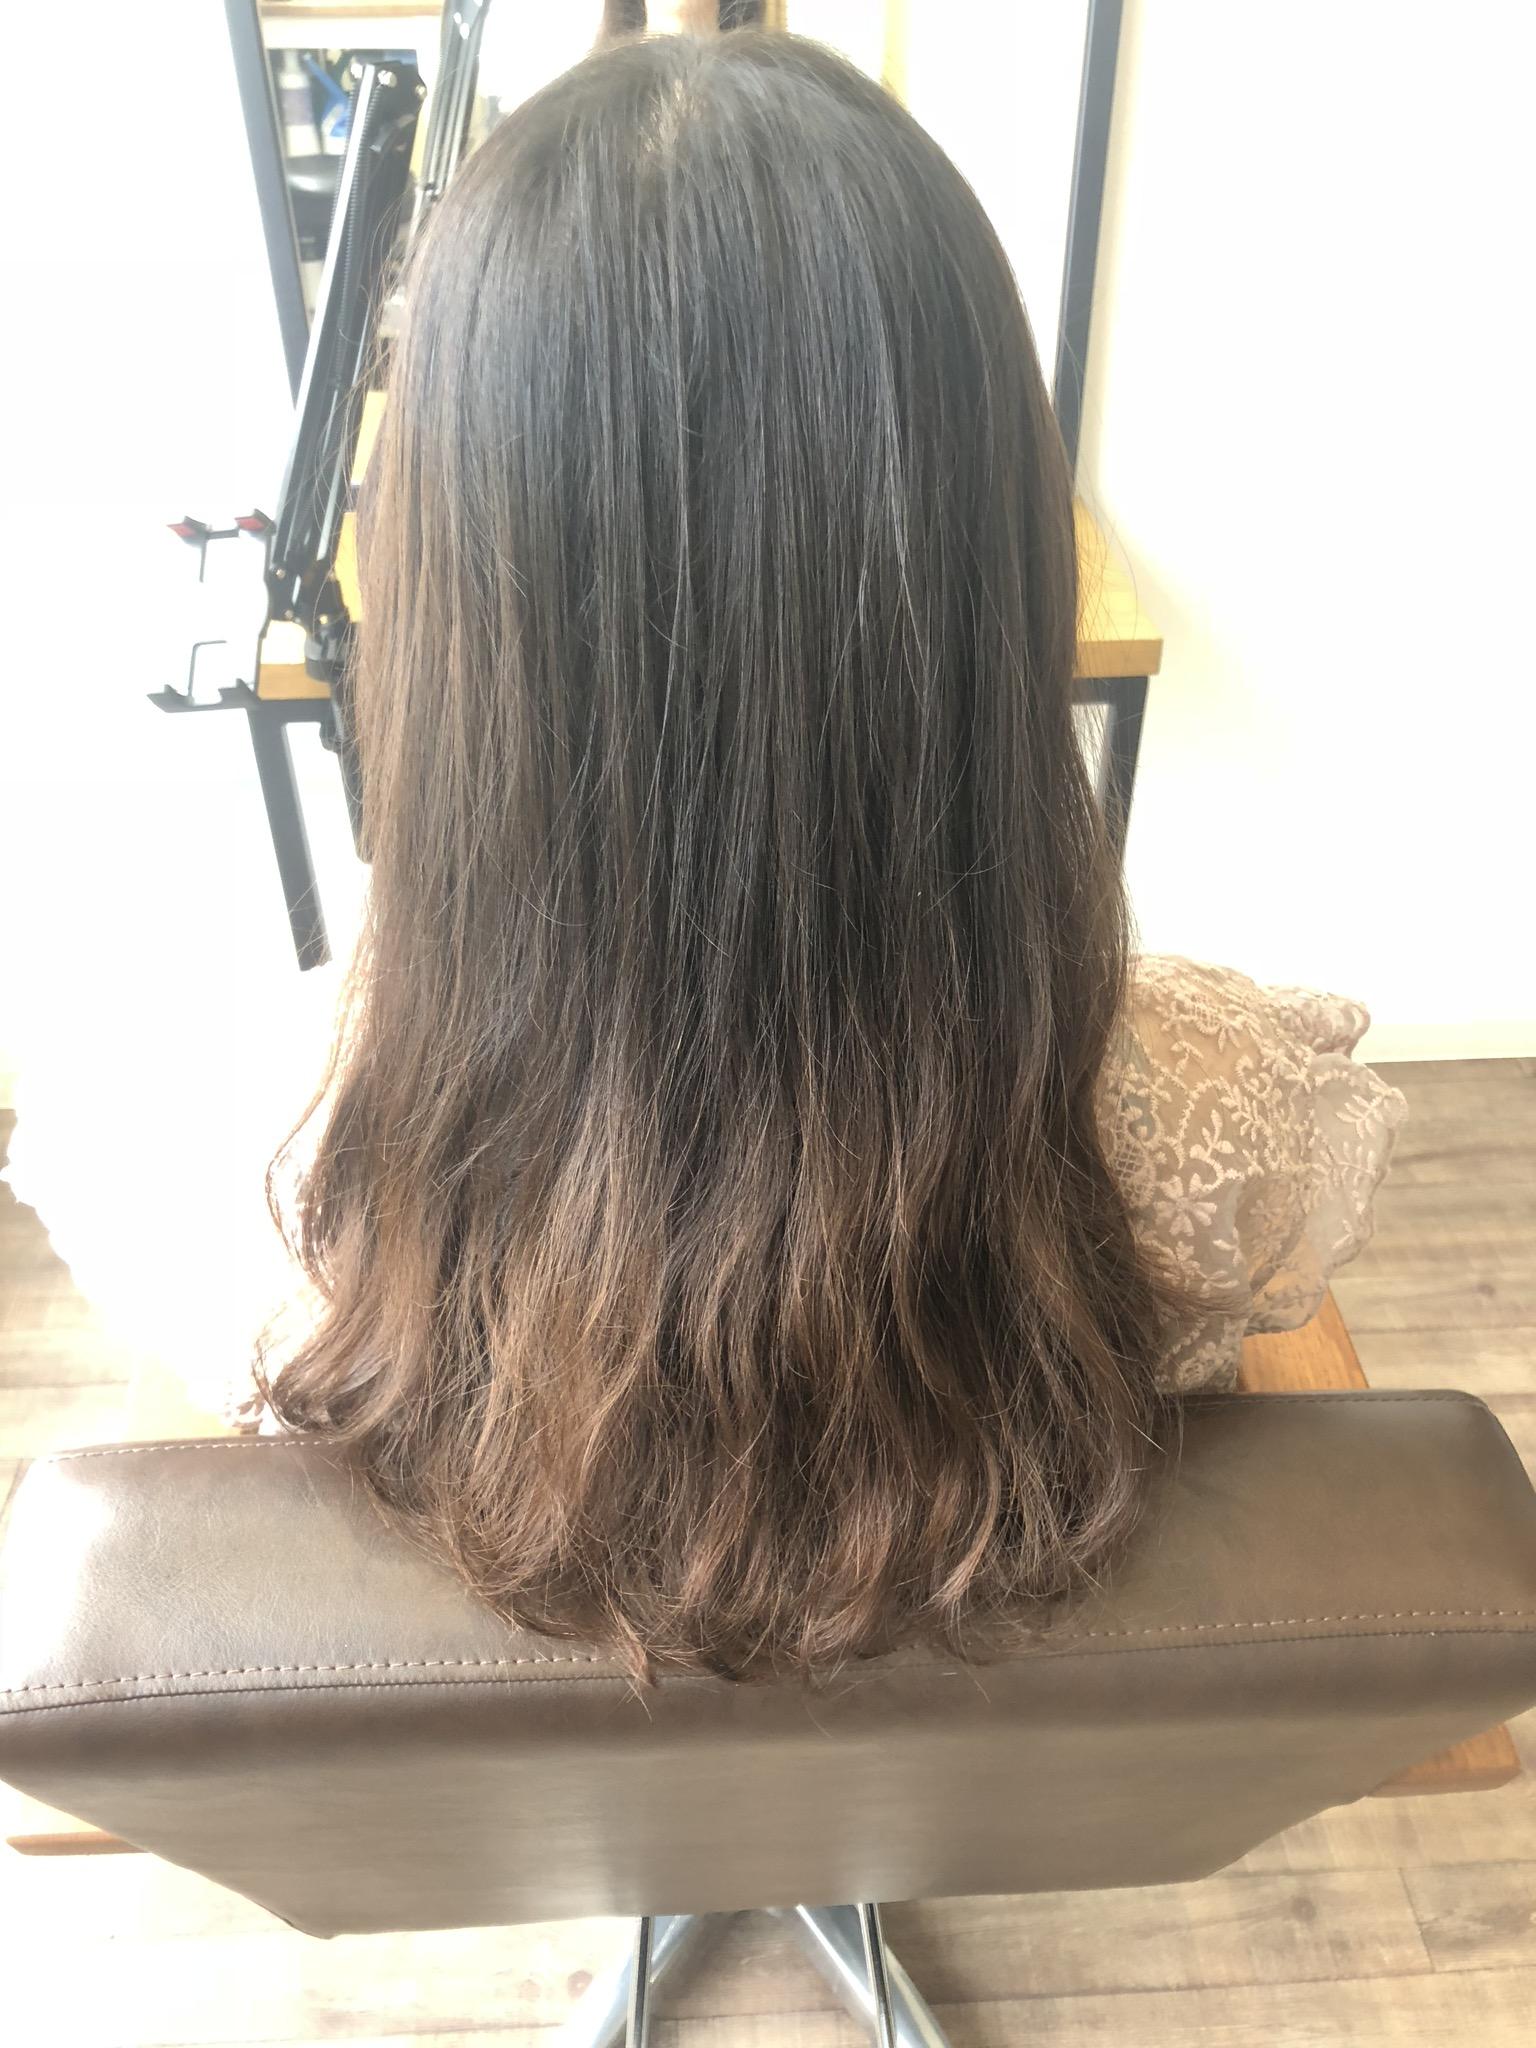 海で傷んだ髪をoggiottoトリートメントで修復し、艶髪アッシュベージュに |別府市 イルミナカラー取り扱い美容室Rangali(ランガリ)